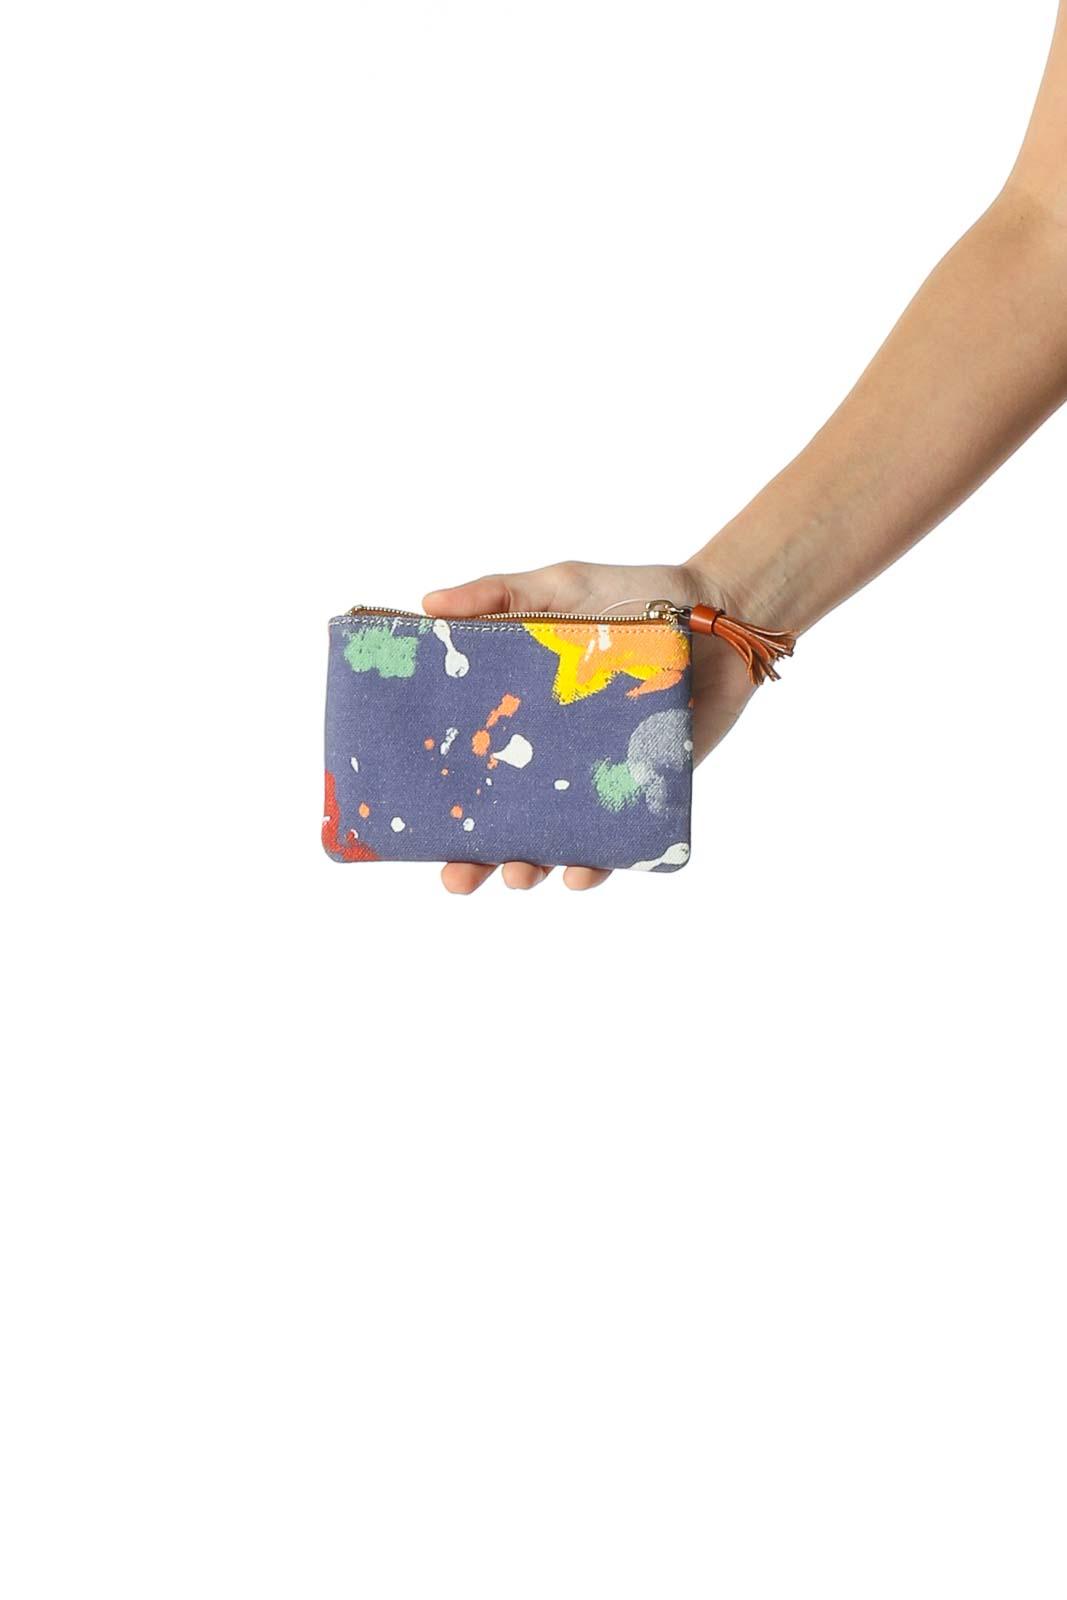 Multicolor Print Zipper Bag Front